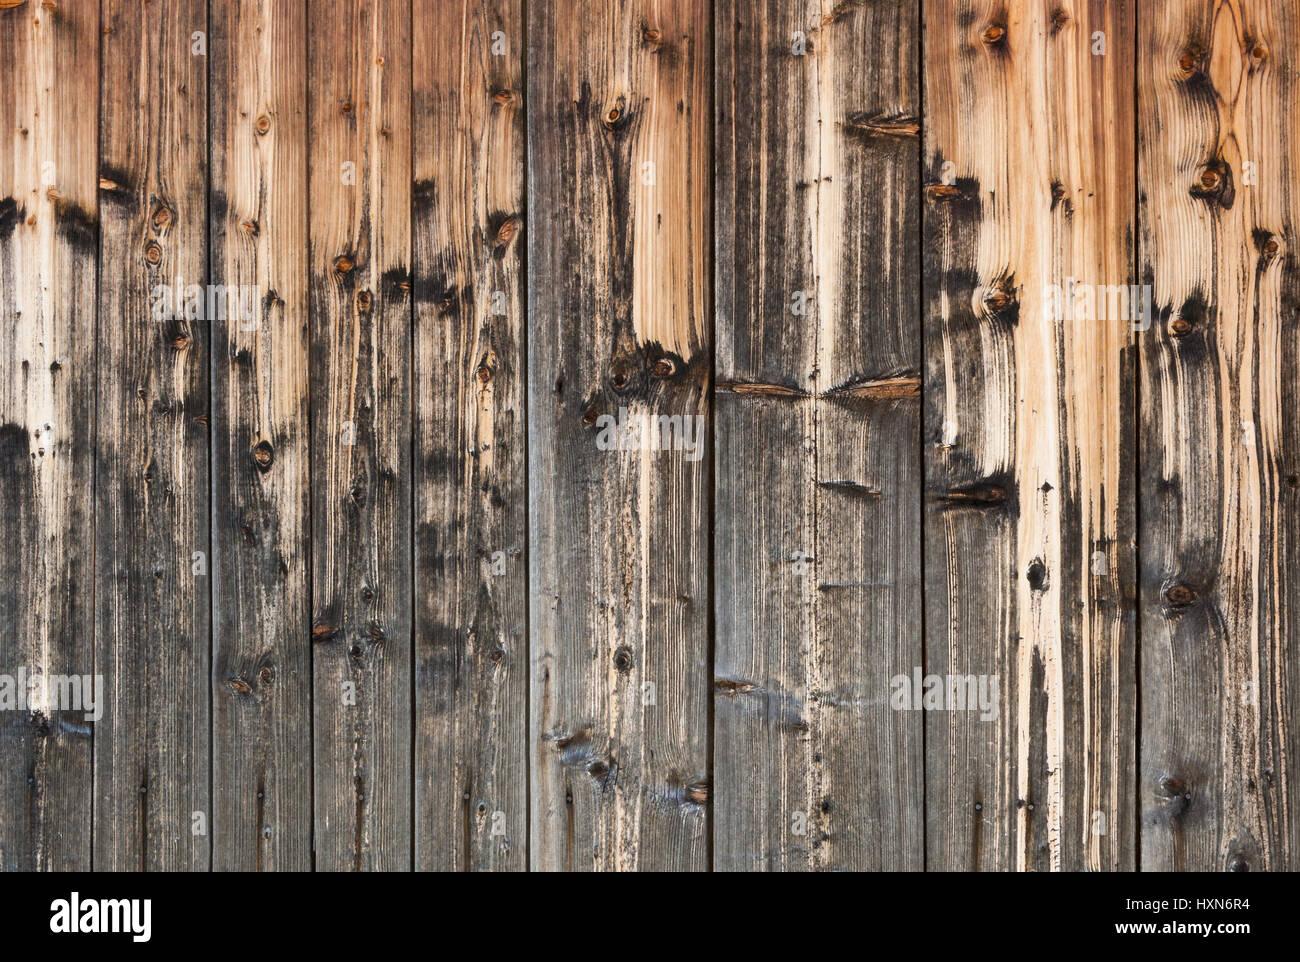 Arrière-plan de vieux bois décoloré et magnifiquement de temps précipitations naturelles bandes. Photo Stock